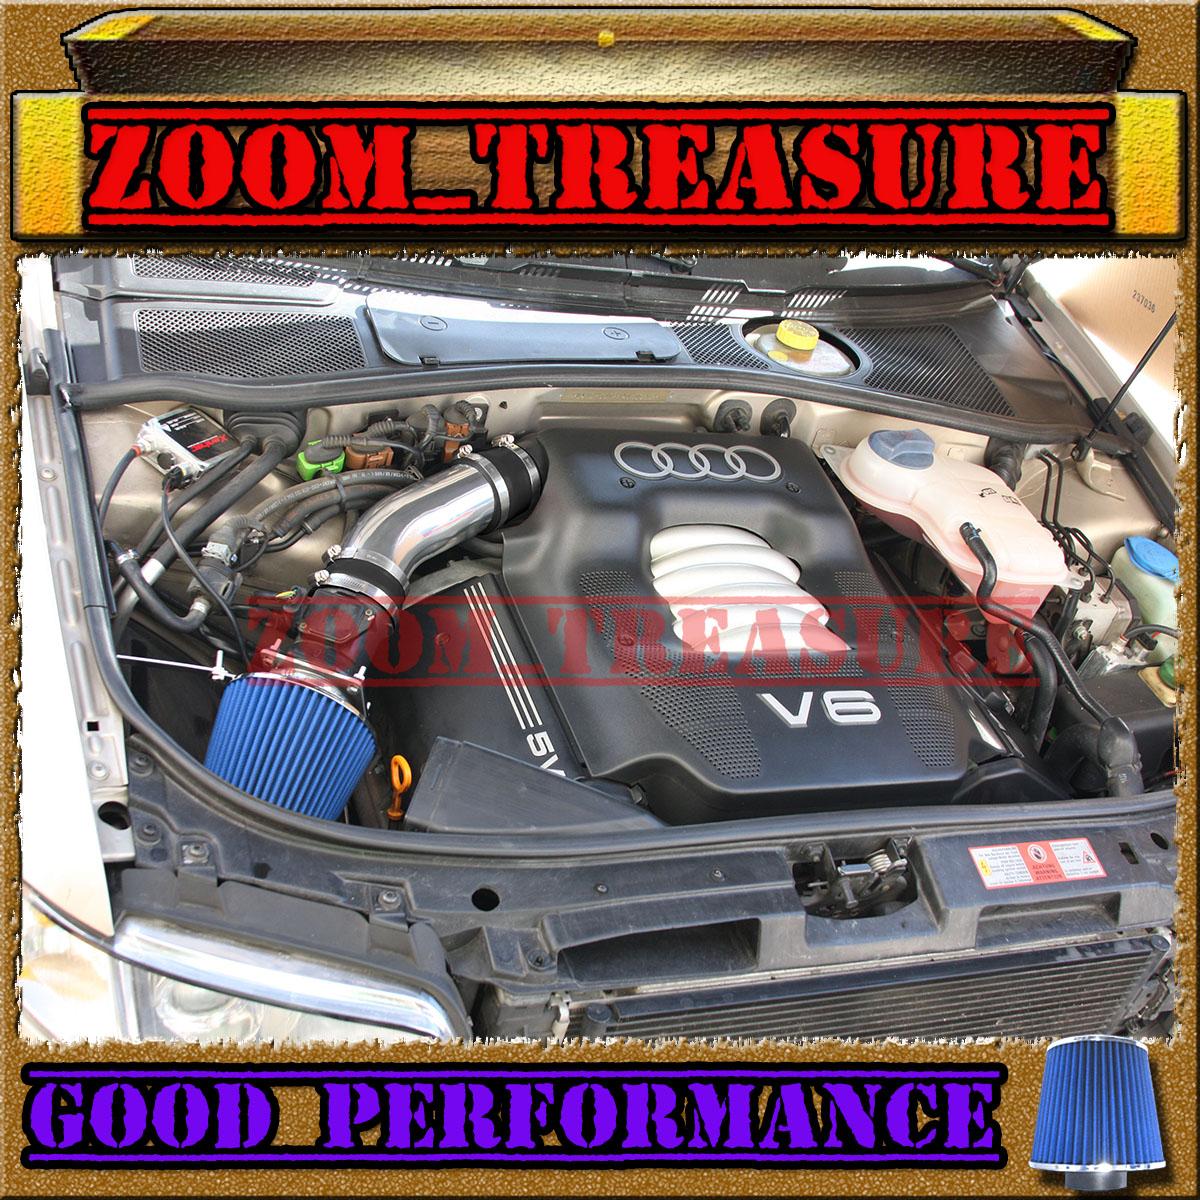 98 99 00 01 02 03 04 05 VW PASSAT GL GLS GLX 2.8L V6 AIR INTAKE KIT Black Red